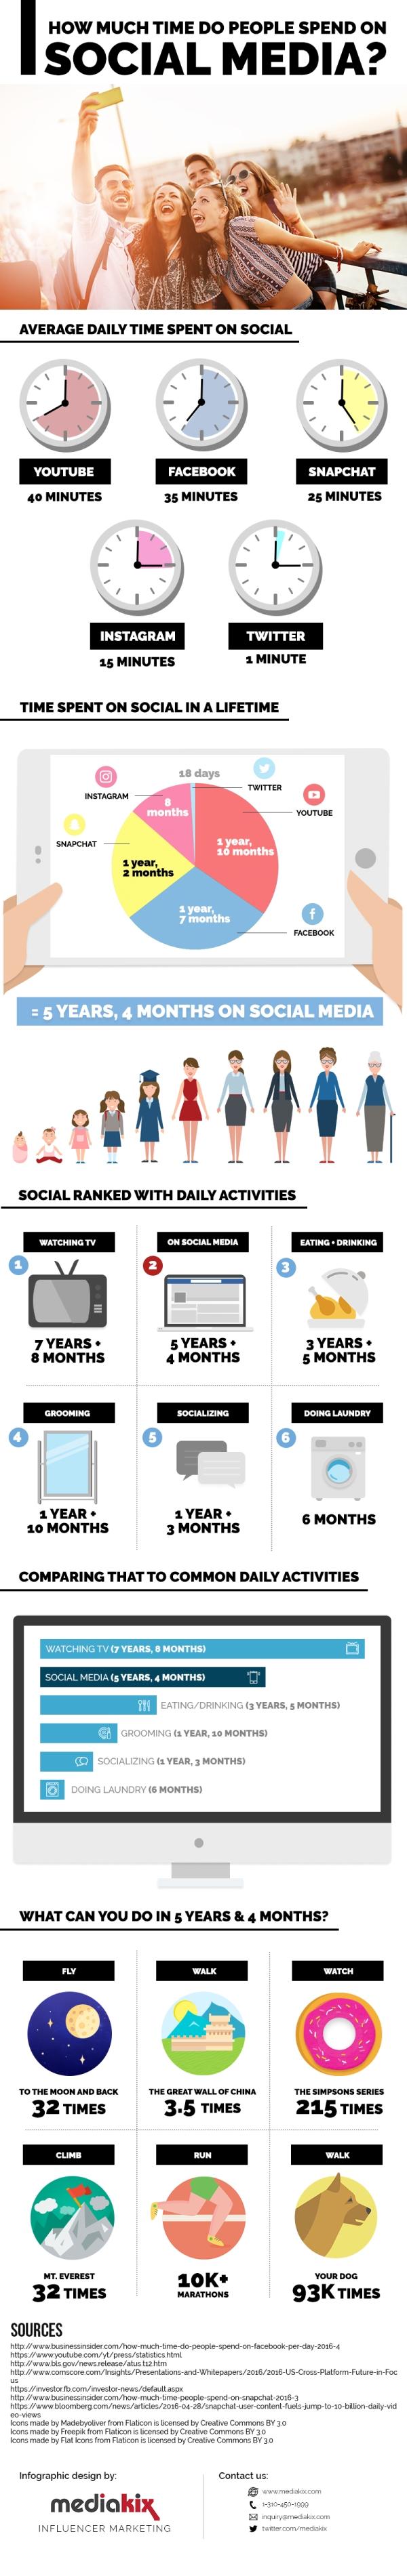 Miedia społecznościowe zajmują 2 godziny w ciągu dnia